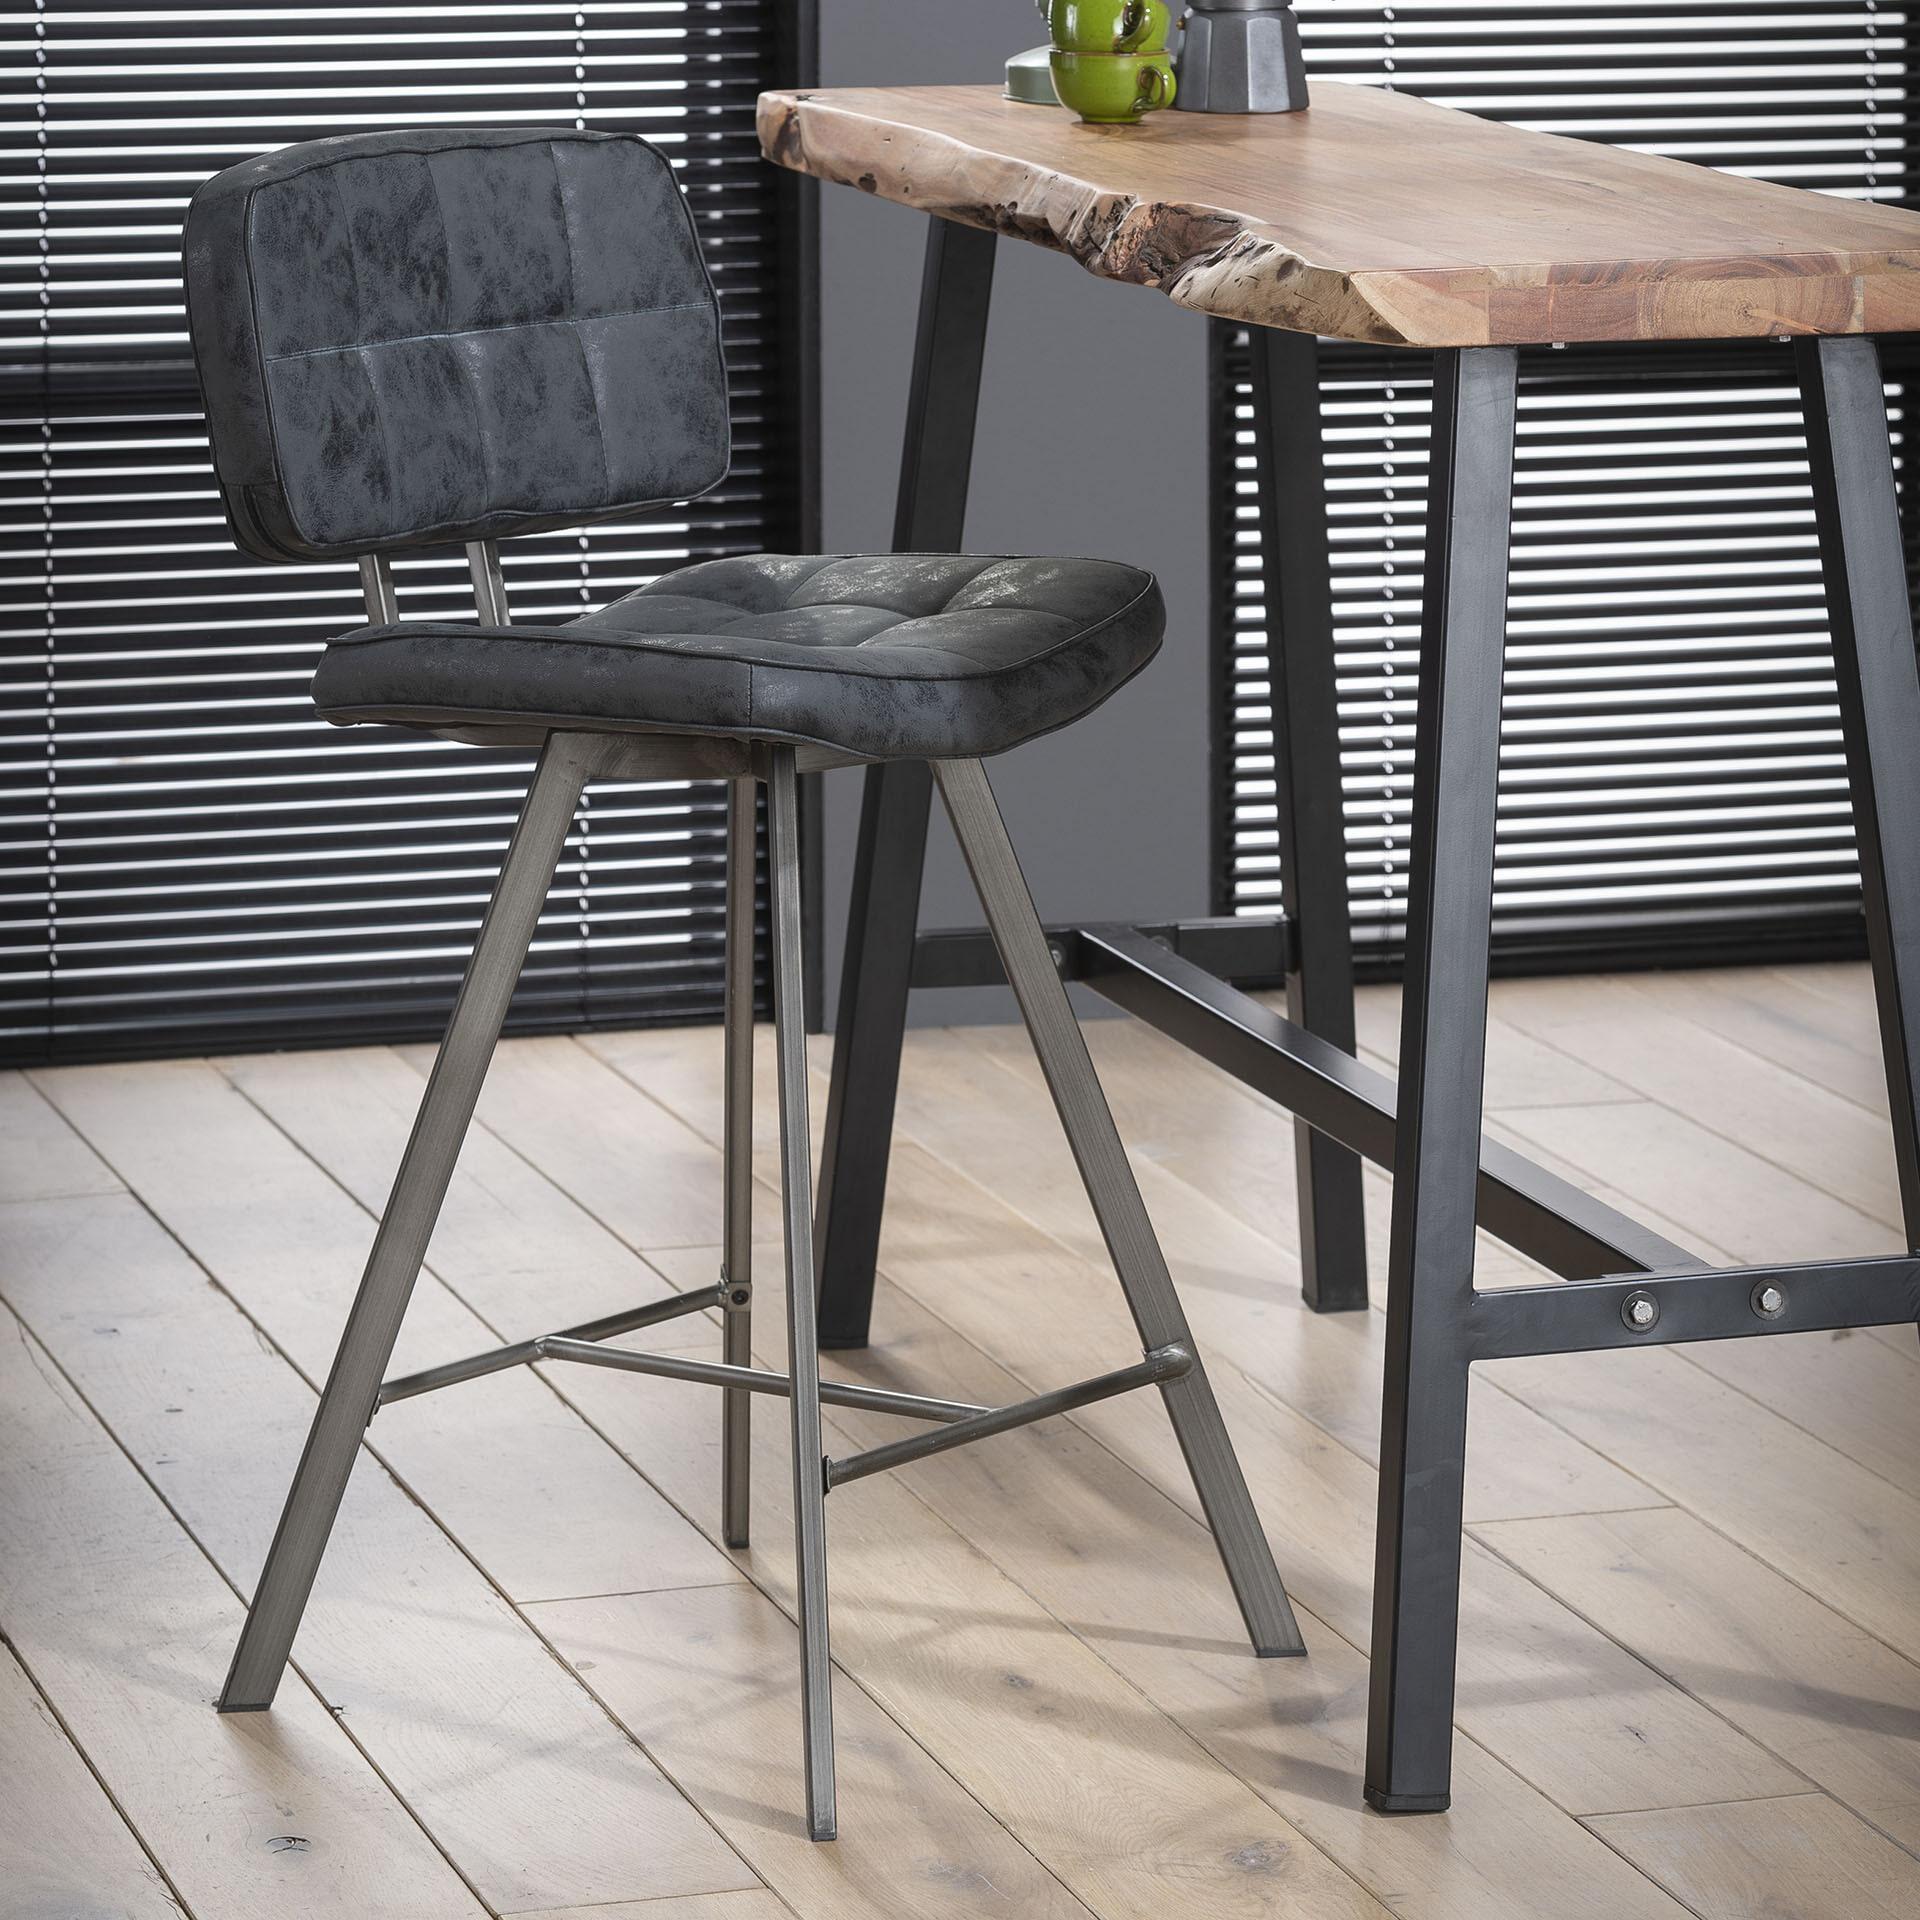 Barstoel 'Ginger' Wax / PU, kleur zwart (zithoogte 68cm) Zitmeubelen | Barkrukken & Barstoelen vergelijken doe je het voordeligst hier bij Meubelpartner